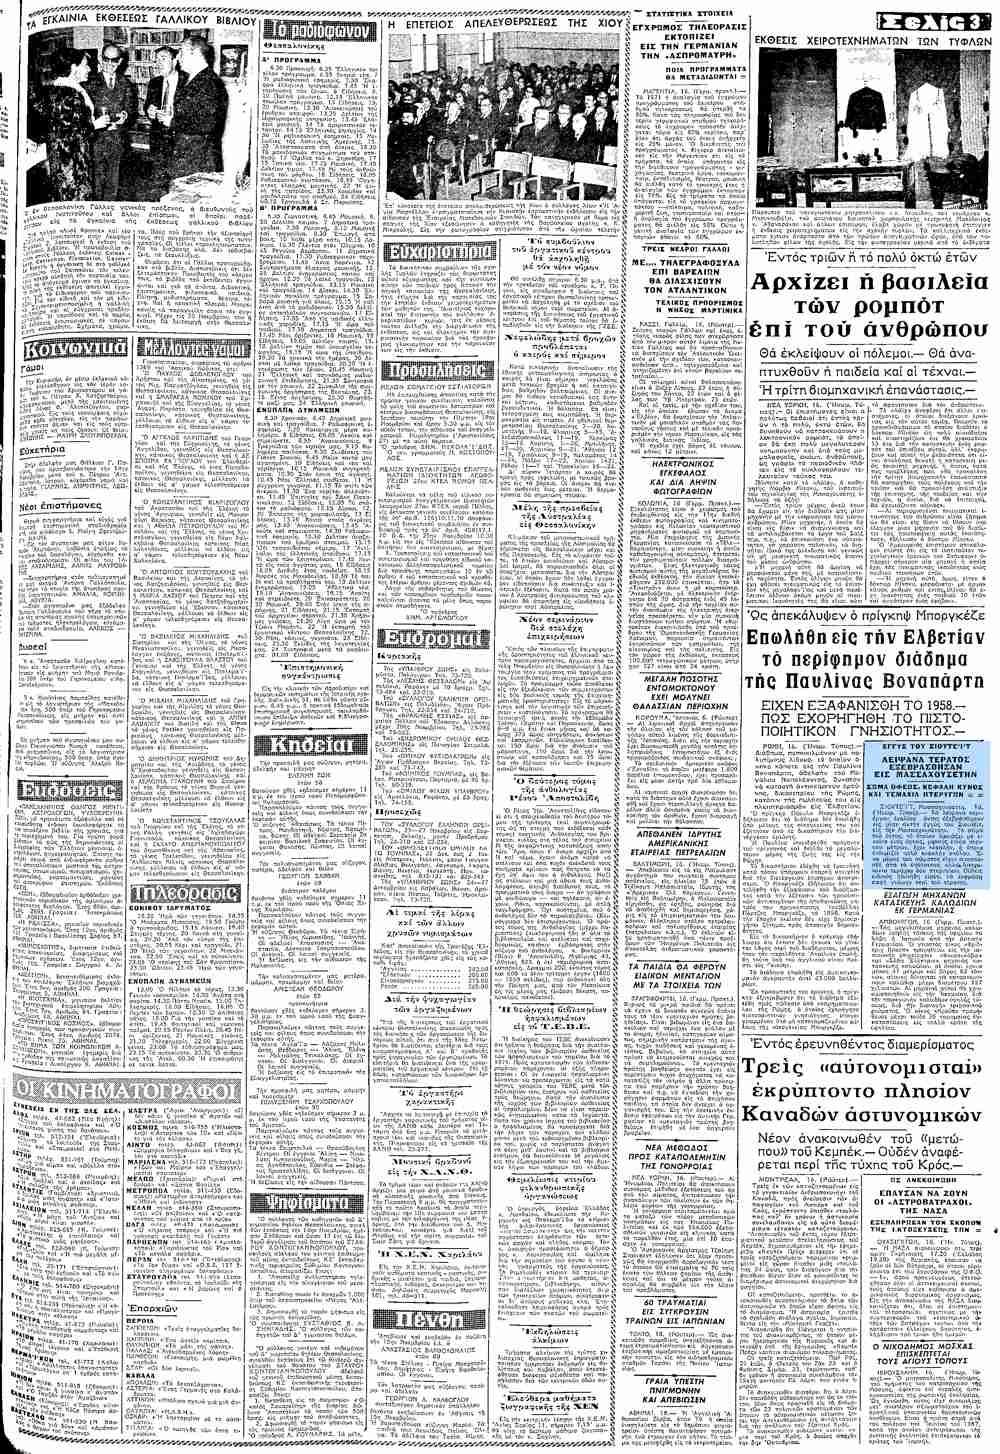 """Το άρθρο, όπως δημοσιεύθηκε στην εφημερίδα """"ΜΑΚΕΔΟΝΙΑ"""", στις 17/11/1970"""